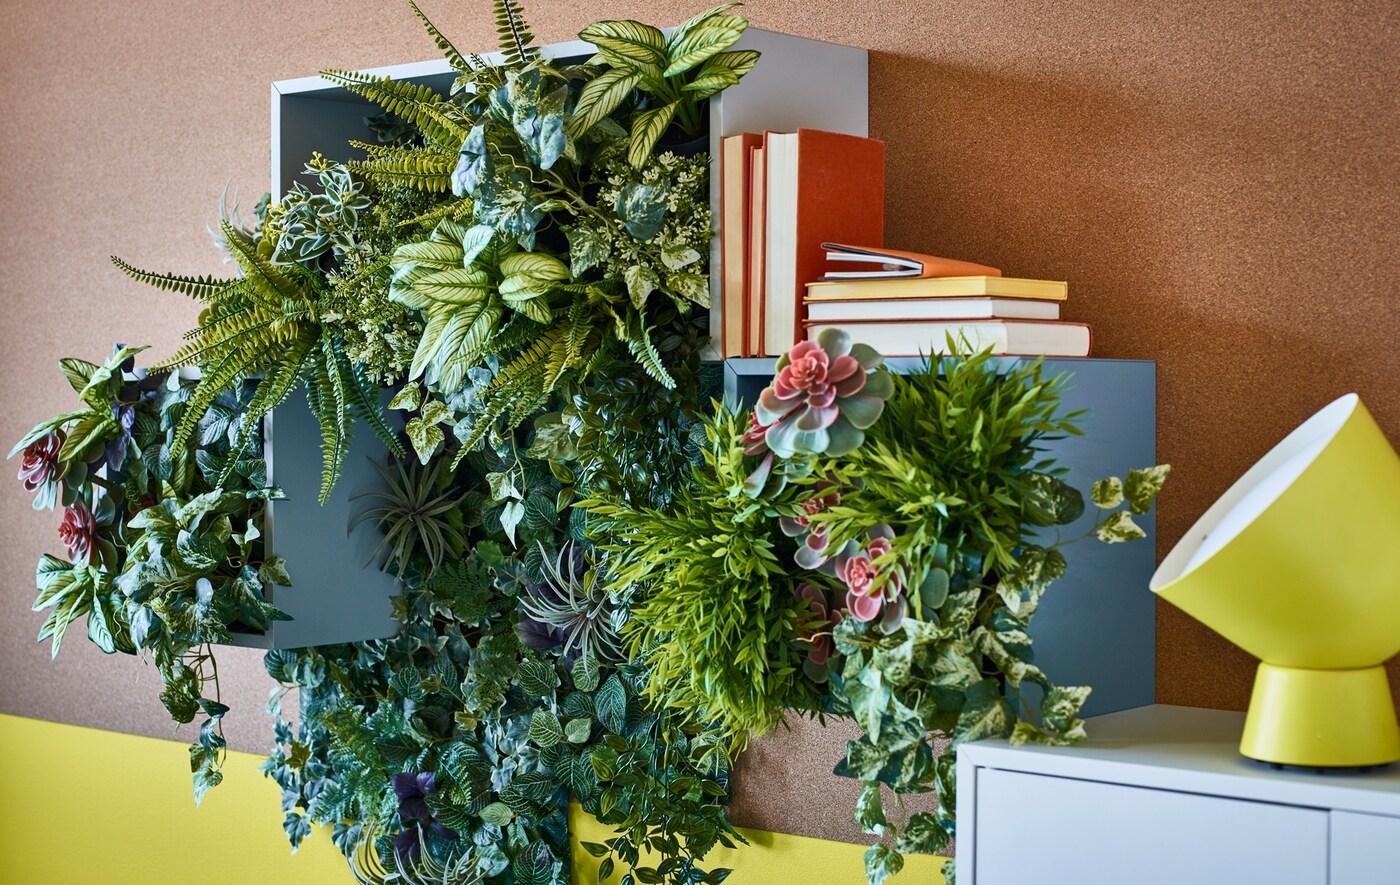 Hvis du vil være sikker på altid at ha' grønne planter i dit hjem, har IKEA masser af kunstige blomster og planter. FEJKA kunstig bregne med urtepotteskjuler er af plast og kan tørres af med en fugtig klud. Den er ca. 70 cm lang. Vi har kombineret den med andre kunstige planter og lavet en vægdekoration.